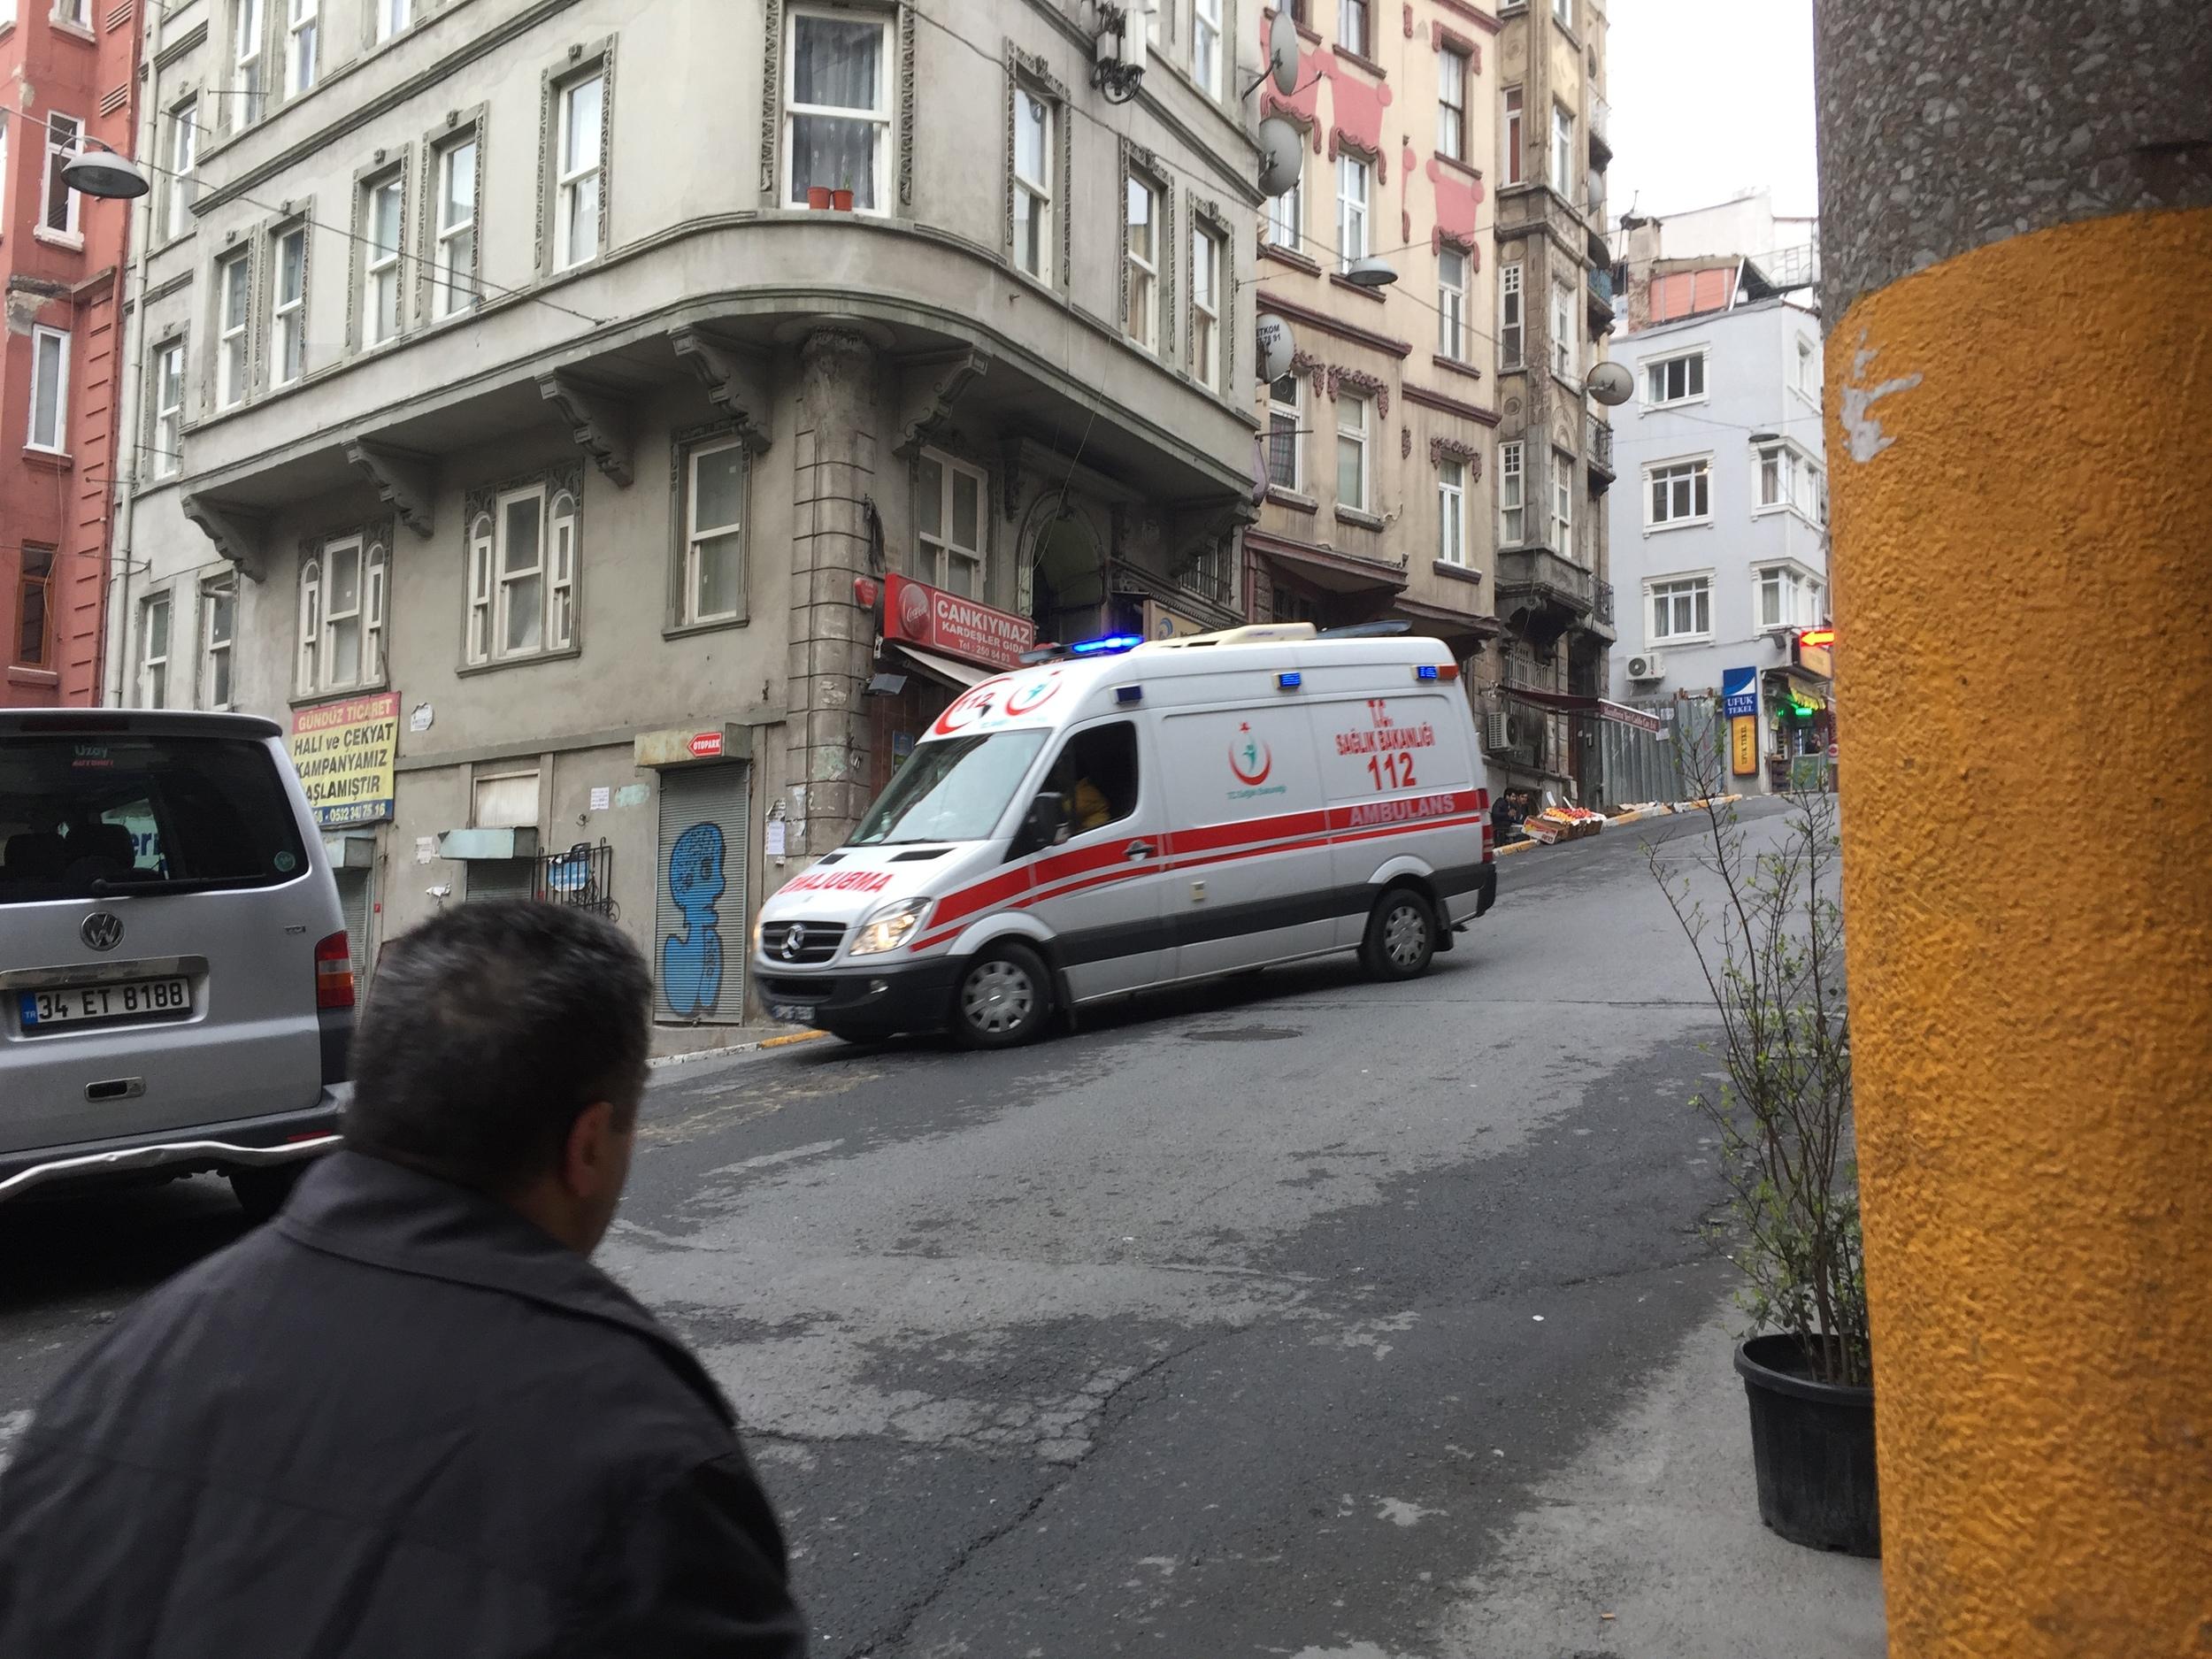 Un'ambulanza che arriva dal luogo dell'attentato passa sotto casa mia.